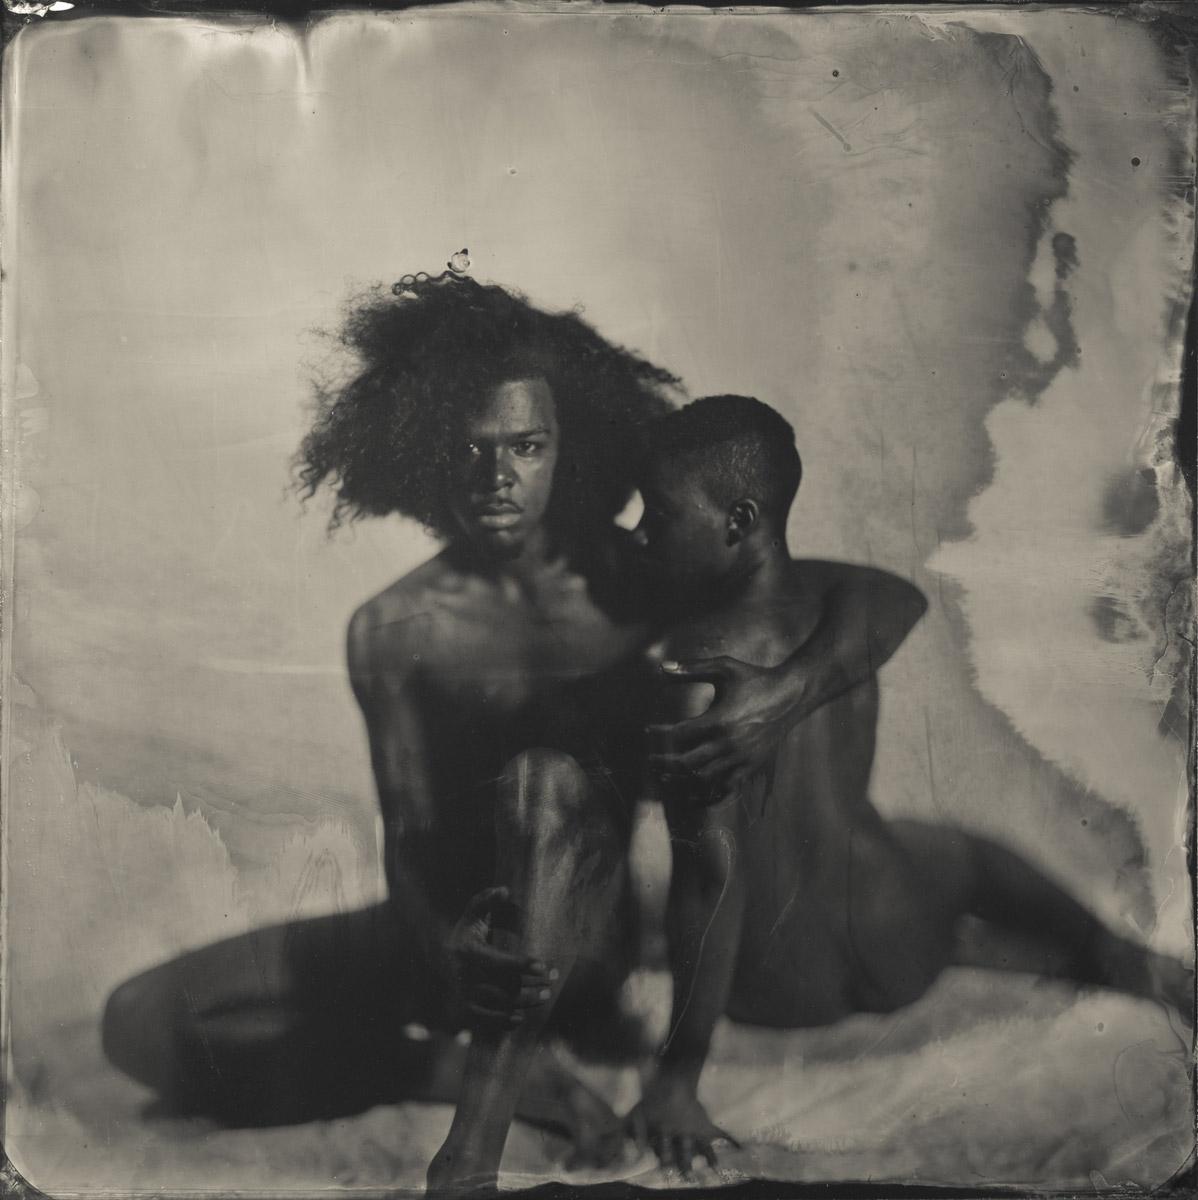 Джеймс Уокер / James Walker, США, 2-е место в категории «Художественная фотография» (профессионал), Фотоконкурс «Тело» / The Body — A Celebration of the human figure